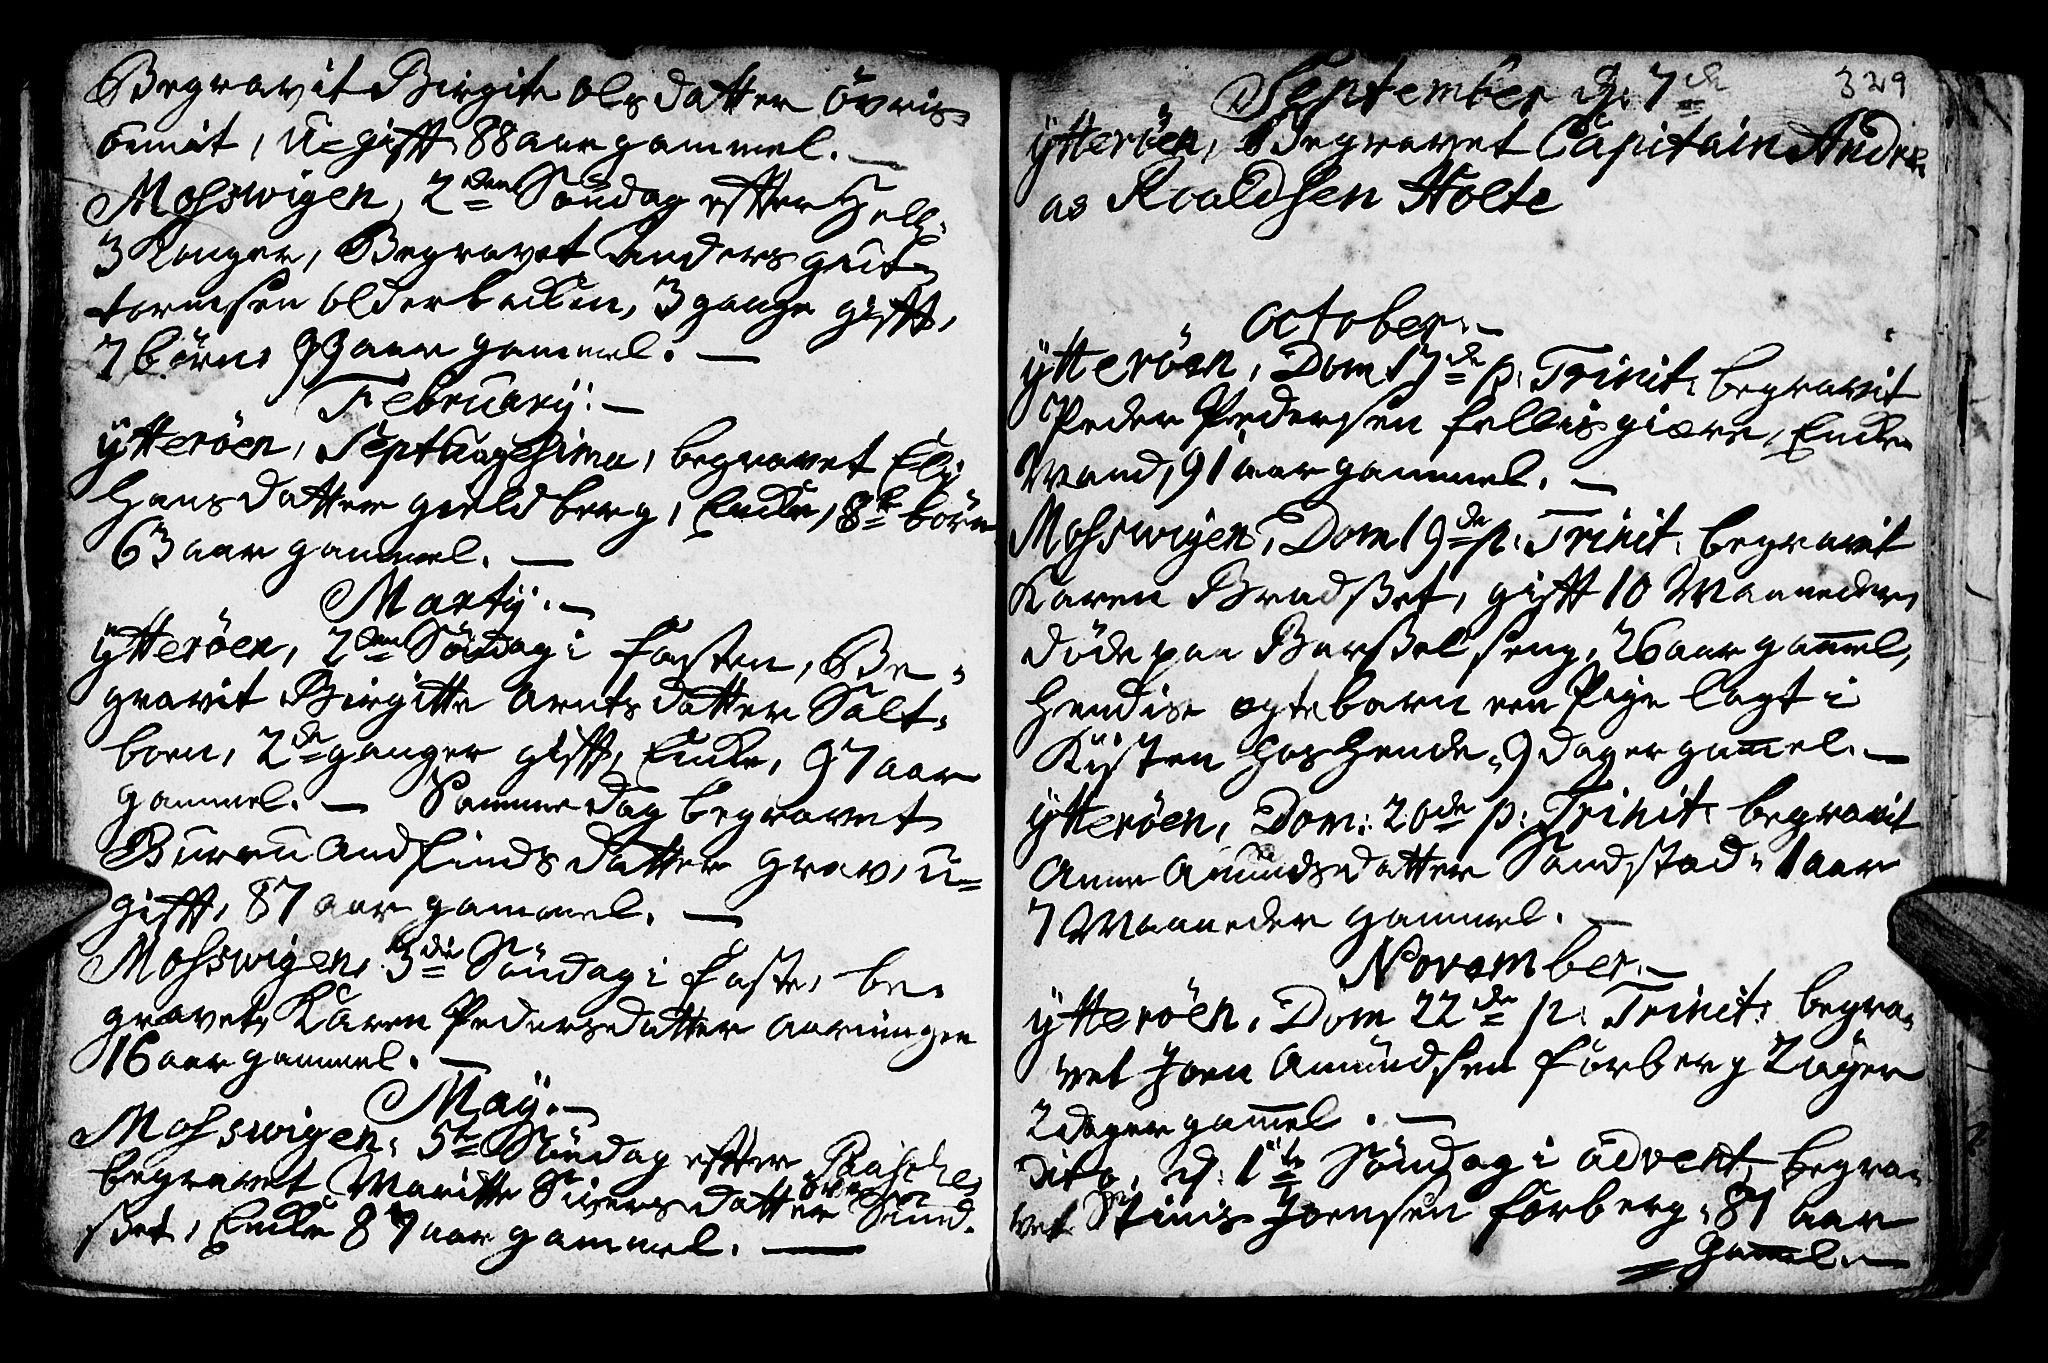 SAT, Ministerialprotokoller, klokkerbøker og fødselsregistre - Nord-Trøndelag, 722/L0215: Ministerialbok nr. 722A02, 1718-1755, s. 329